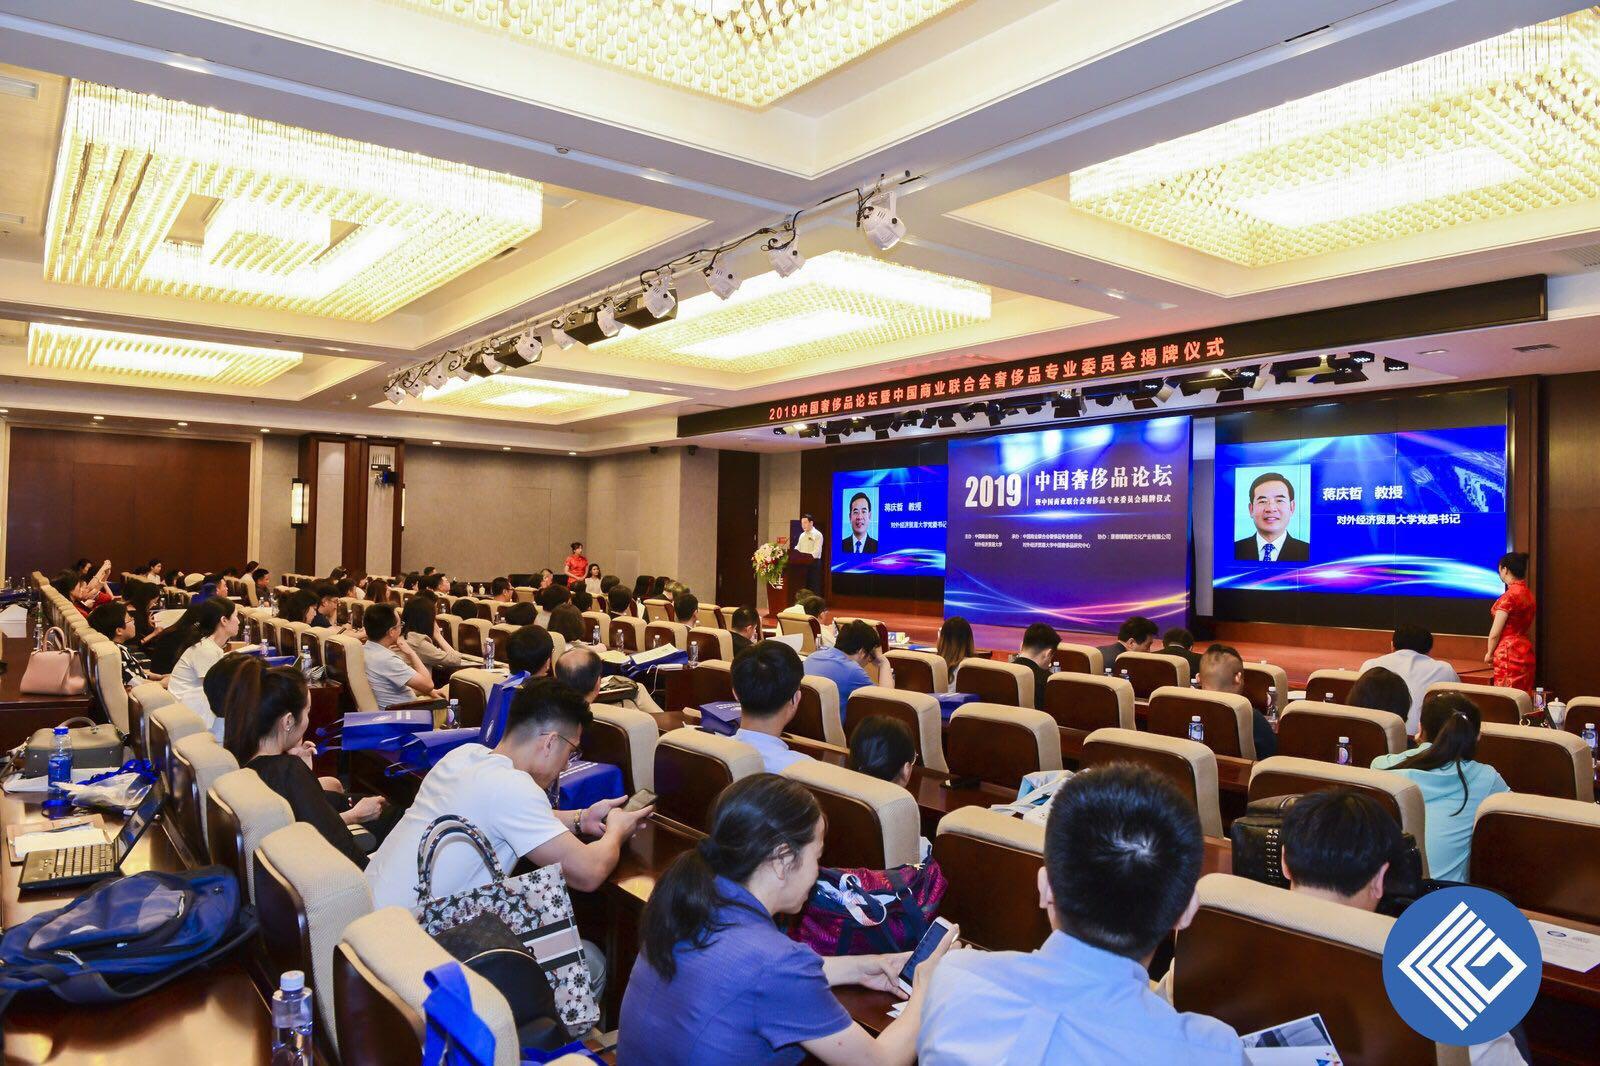 2019中国奢侈品论坛暨中奢委揭牌仪式在京举行